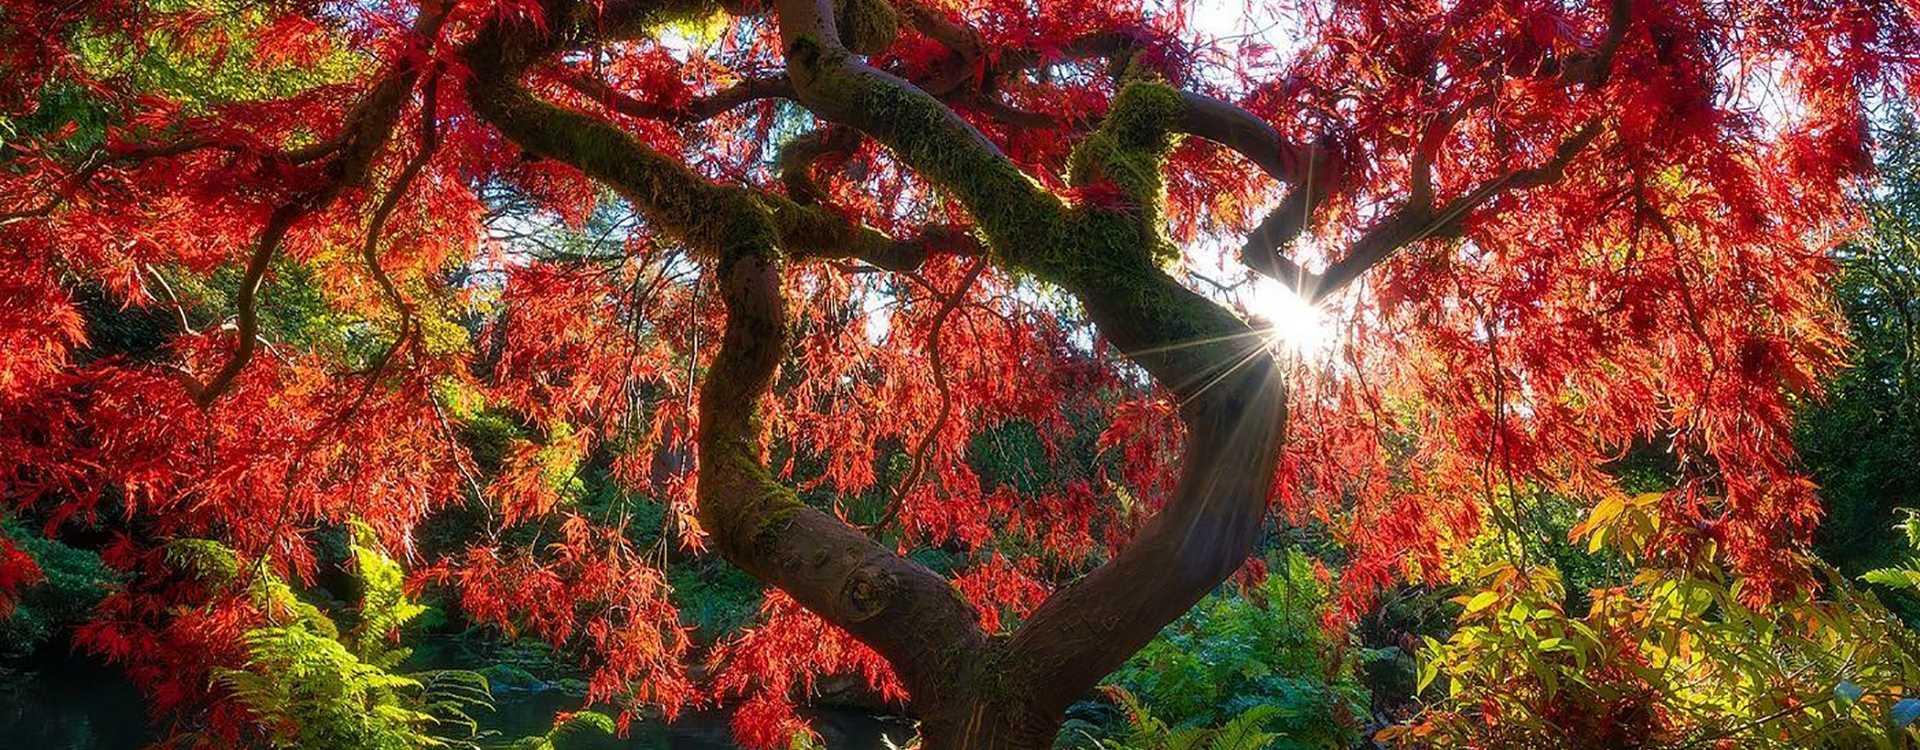 Sunshine backlit Maple Tree at Kubota Garden